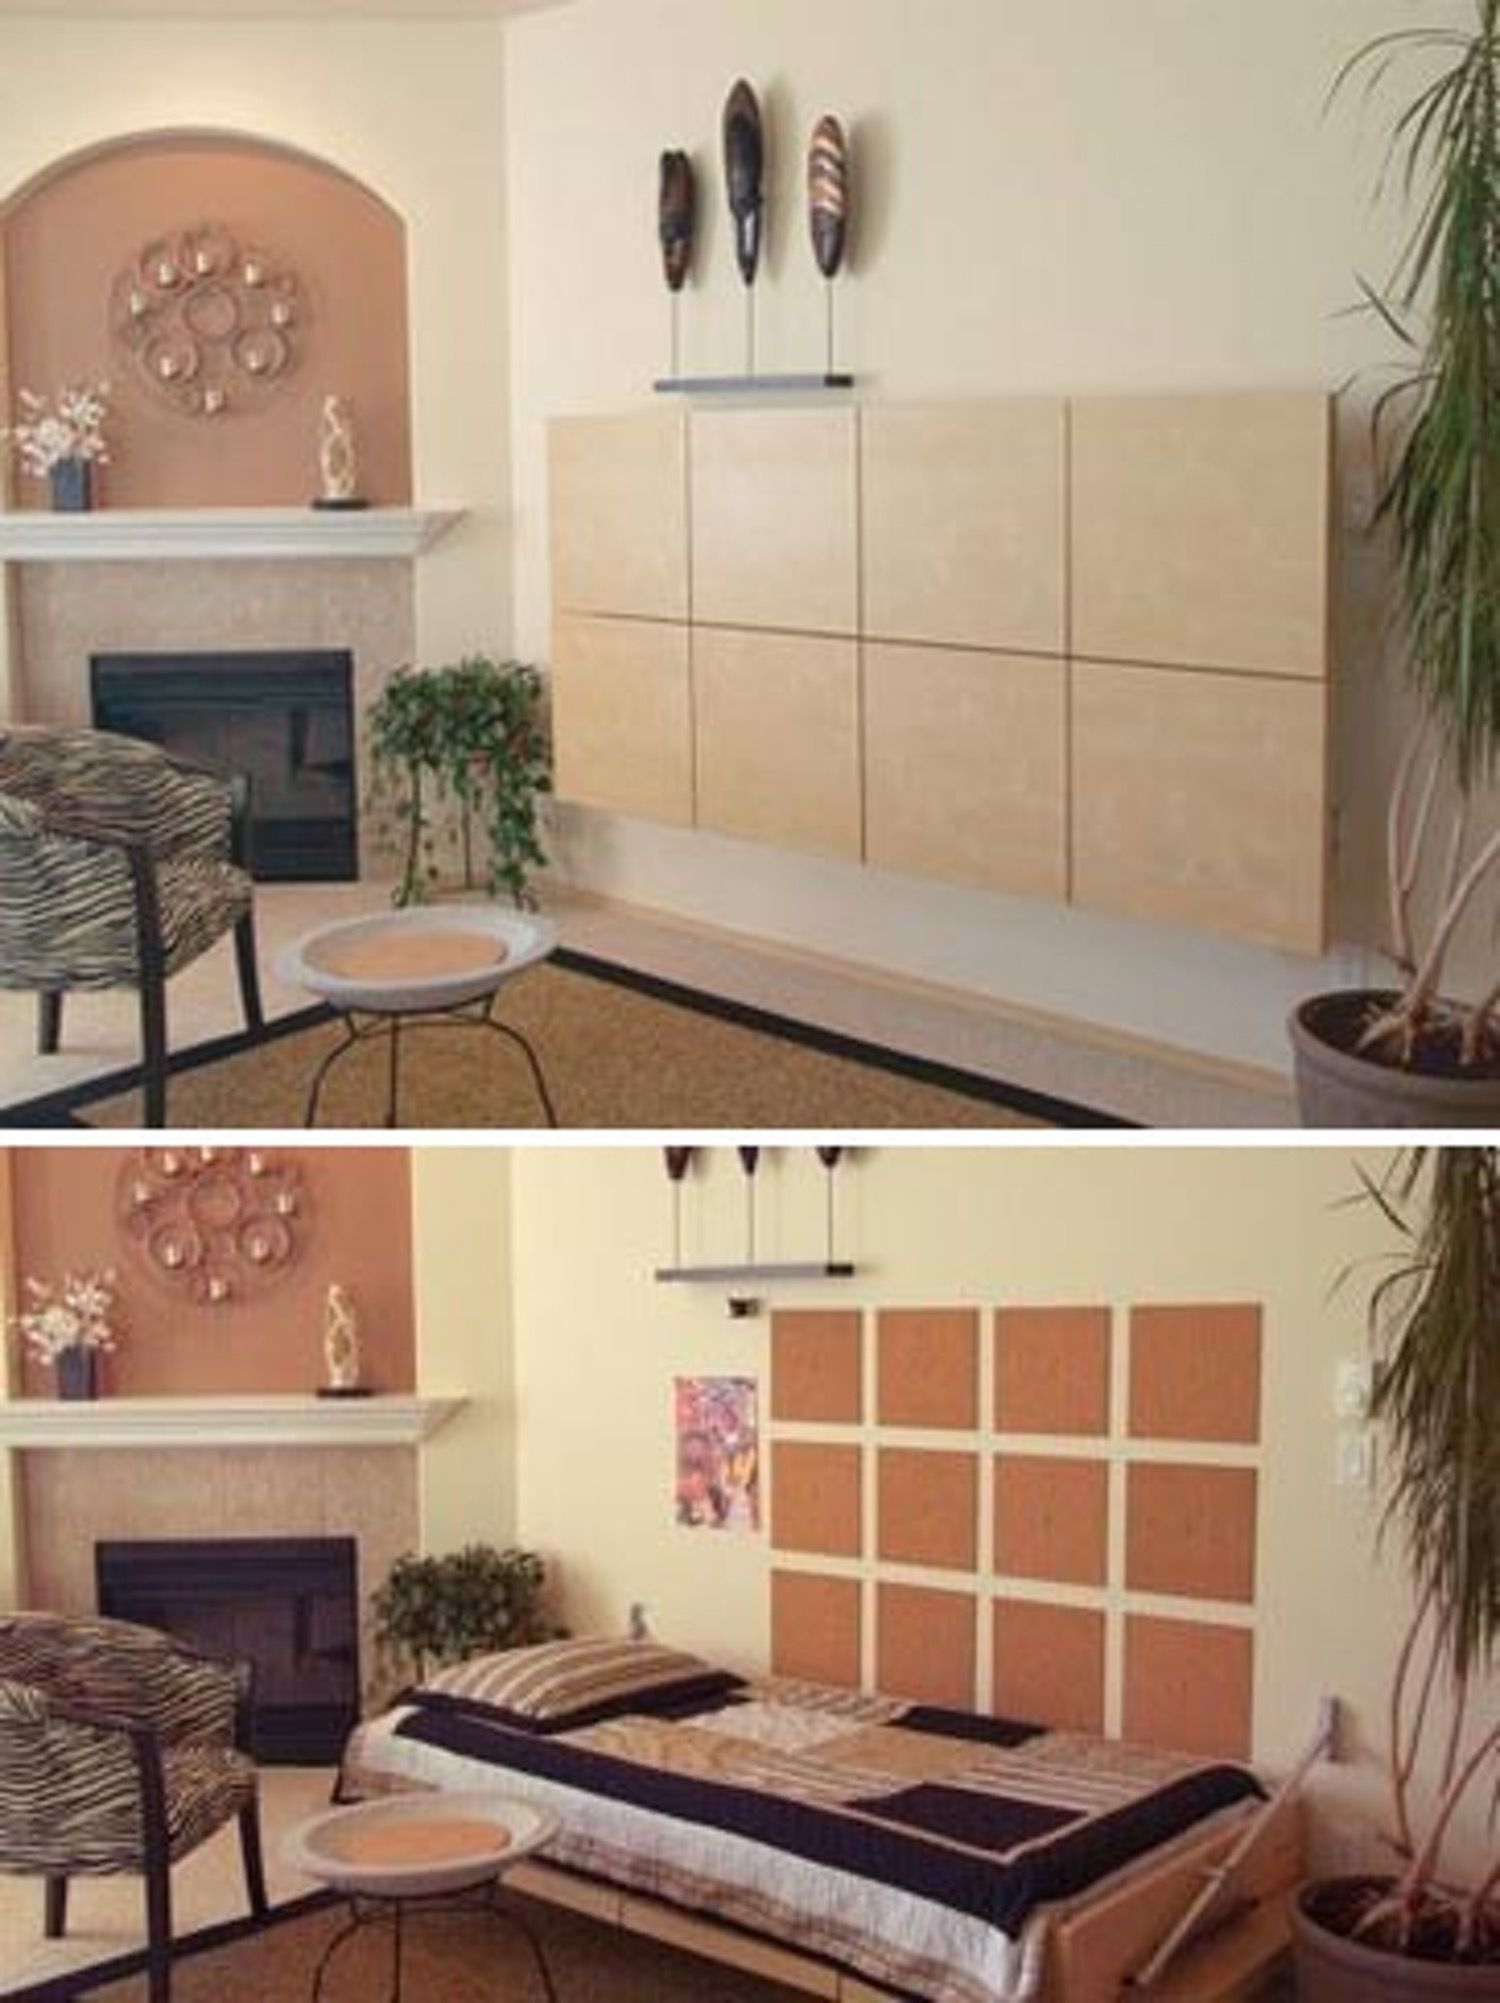 Moddi Murphy Bed Kit Mobilya, Mobilya tasarımı ve Tasarım